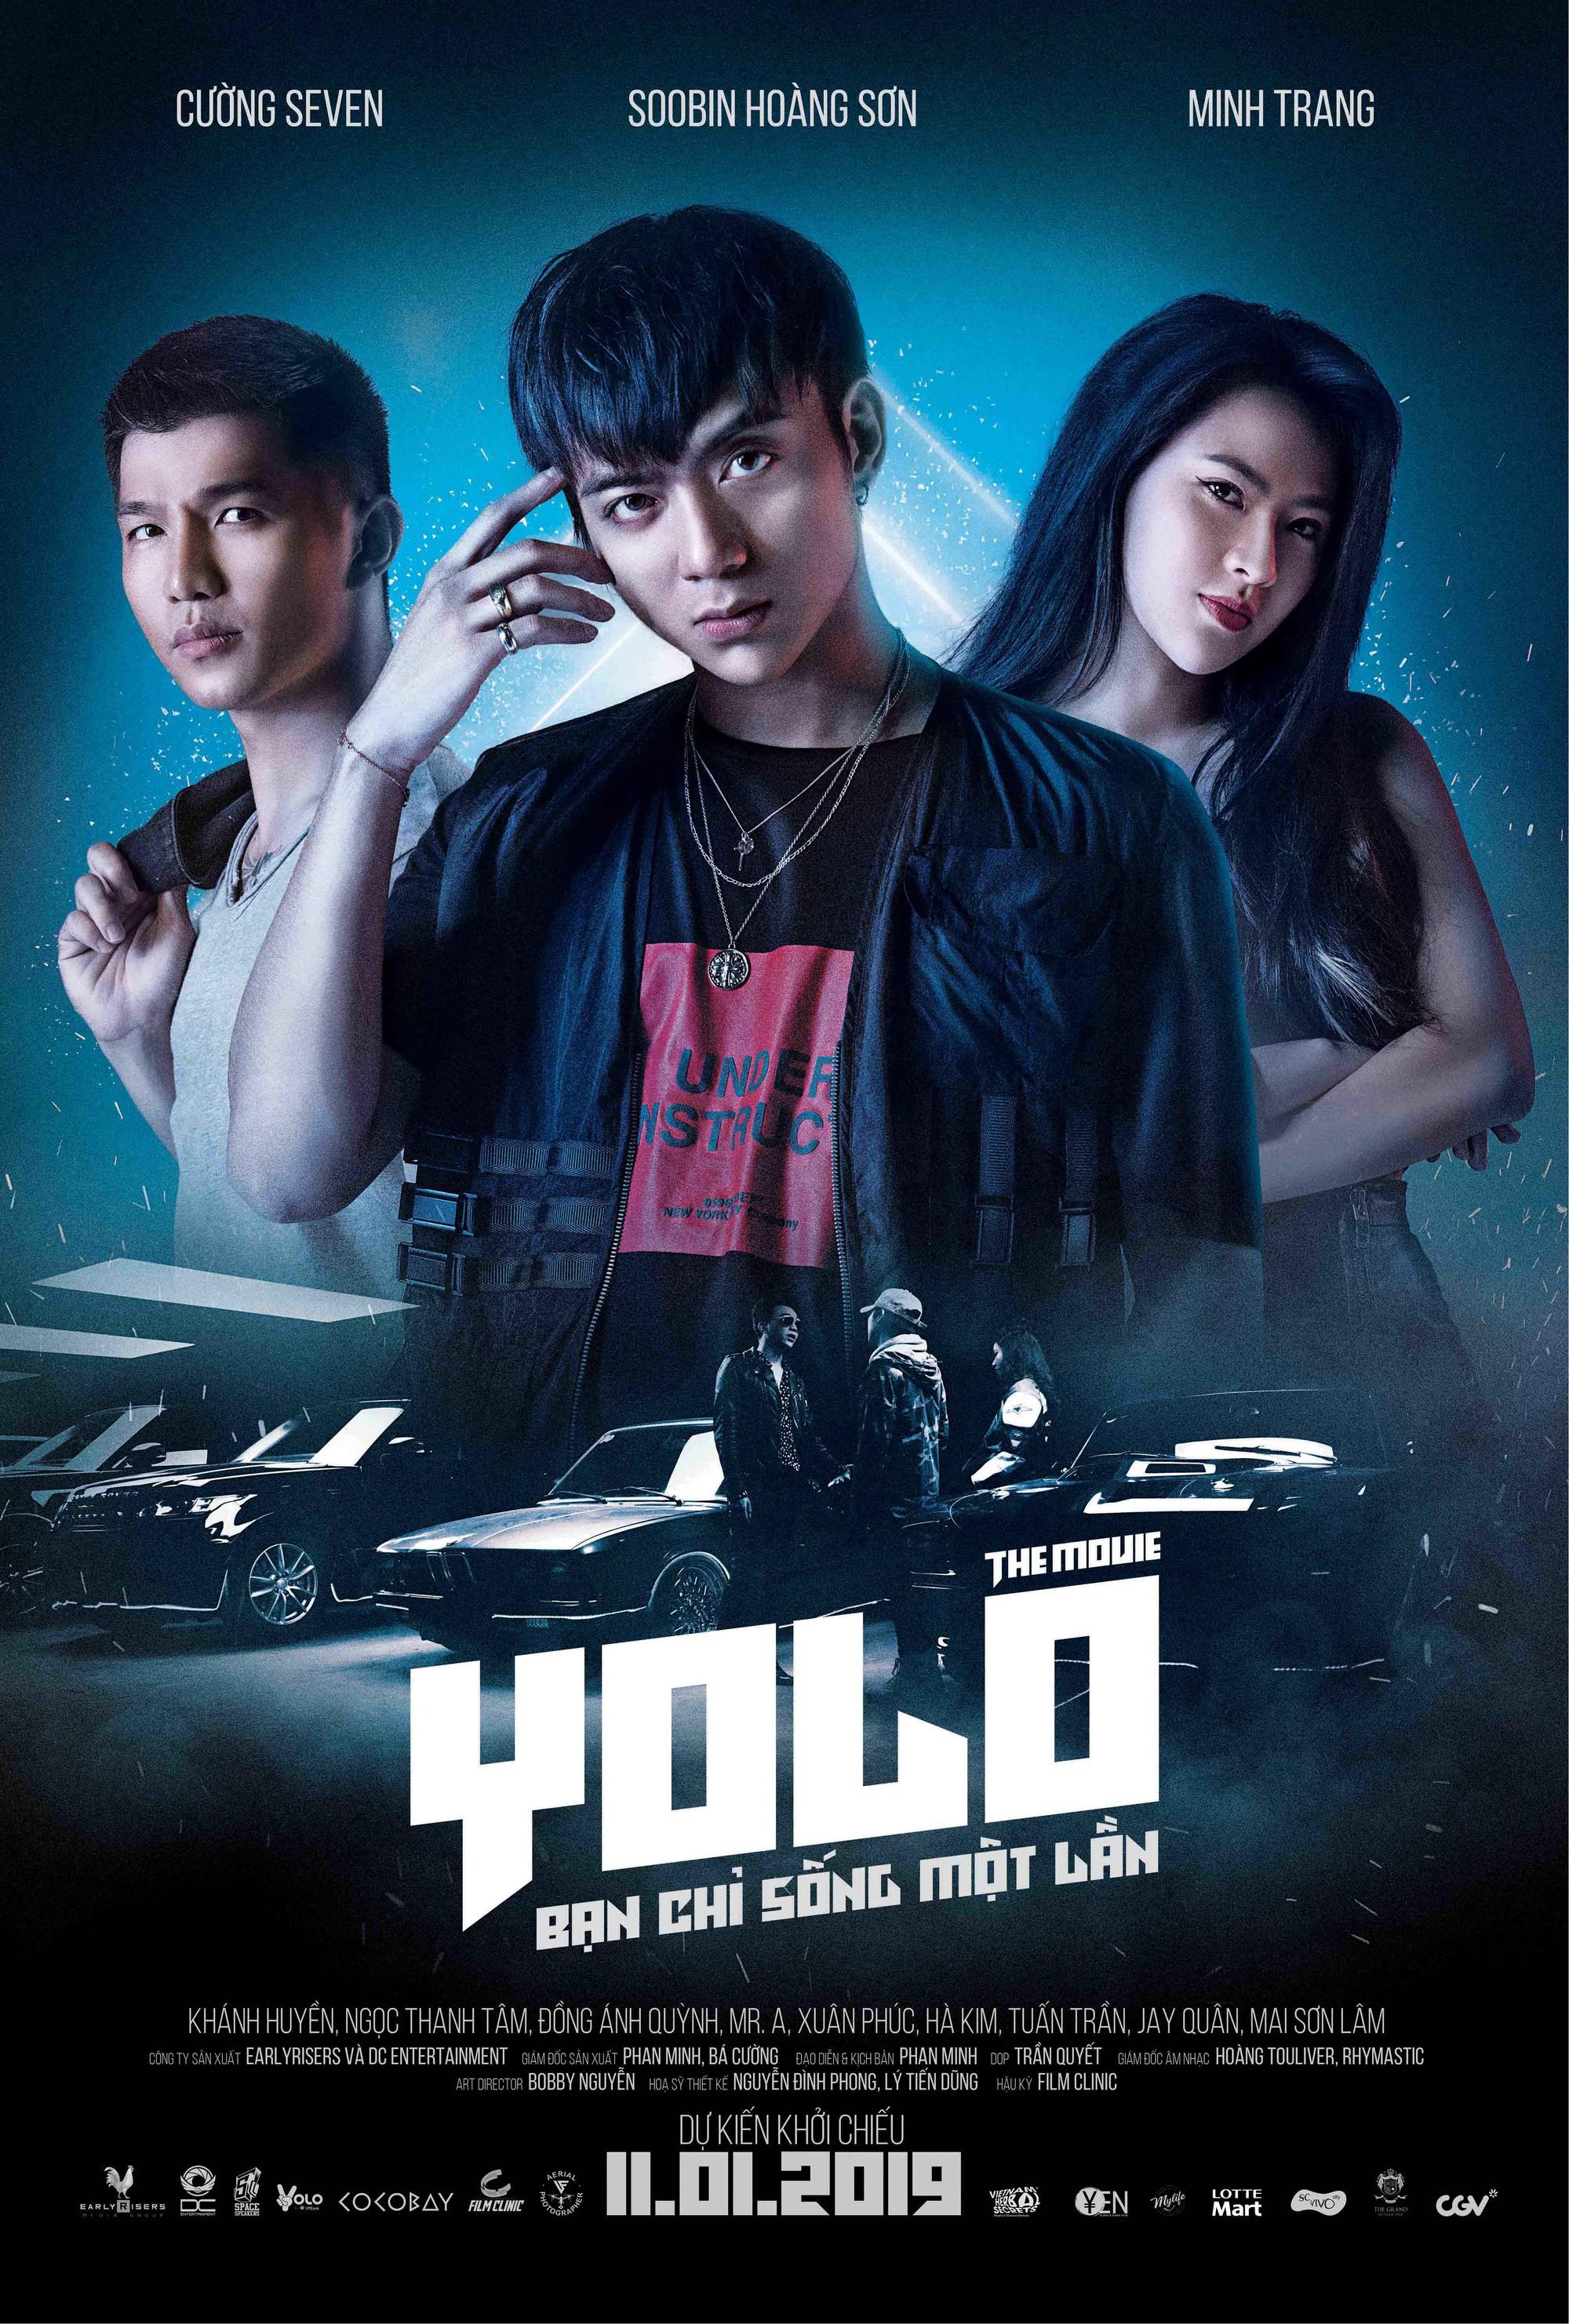 Soobin Hoàng Sơn hóa badboy đúng bản chất nhưng sai cấu hình, đánh Cường Seven như con trong phim Yolo - Ảnh 9.